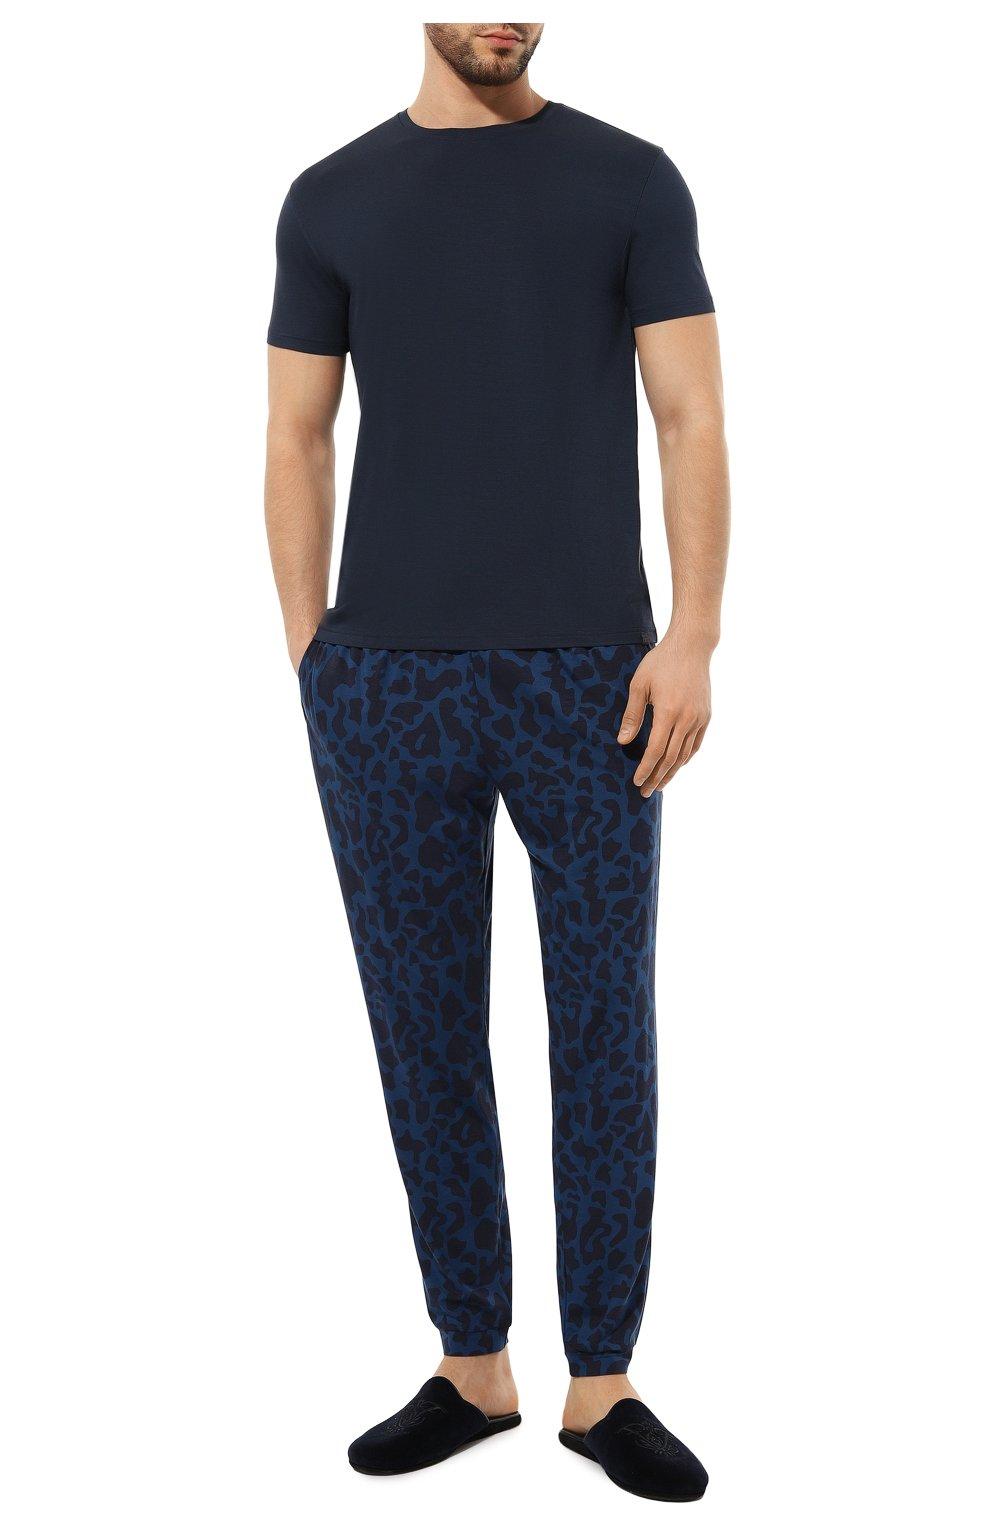 Мужская футболка DEREK ROSE синего цвета, арт. 3048-BASE001   Фото 2 (Кросс-КТ: домашняя одежда; Рукава: Короткие; Материал внешний: Синтетический материал; Длина (для топов): Стандартные; Мужское Кросс-КТ: Футболка-белье)